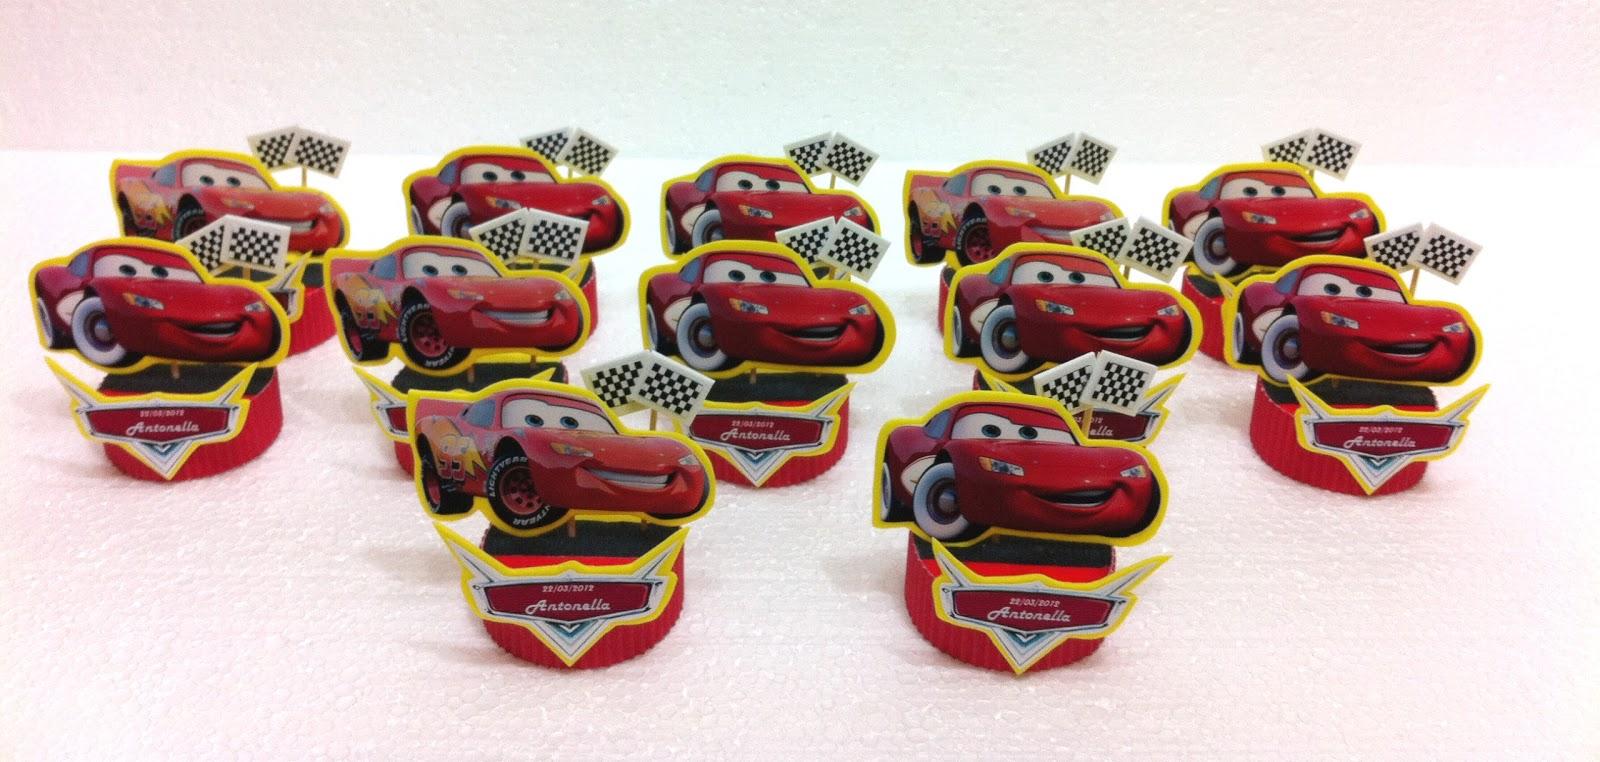 Máscaras y Orejas de Paw Patrol para Imprimir Gratis